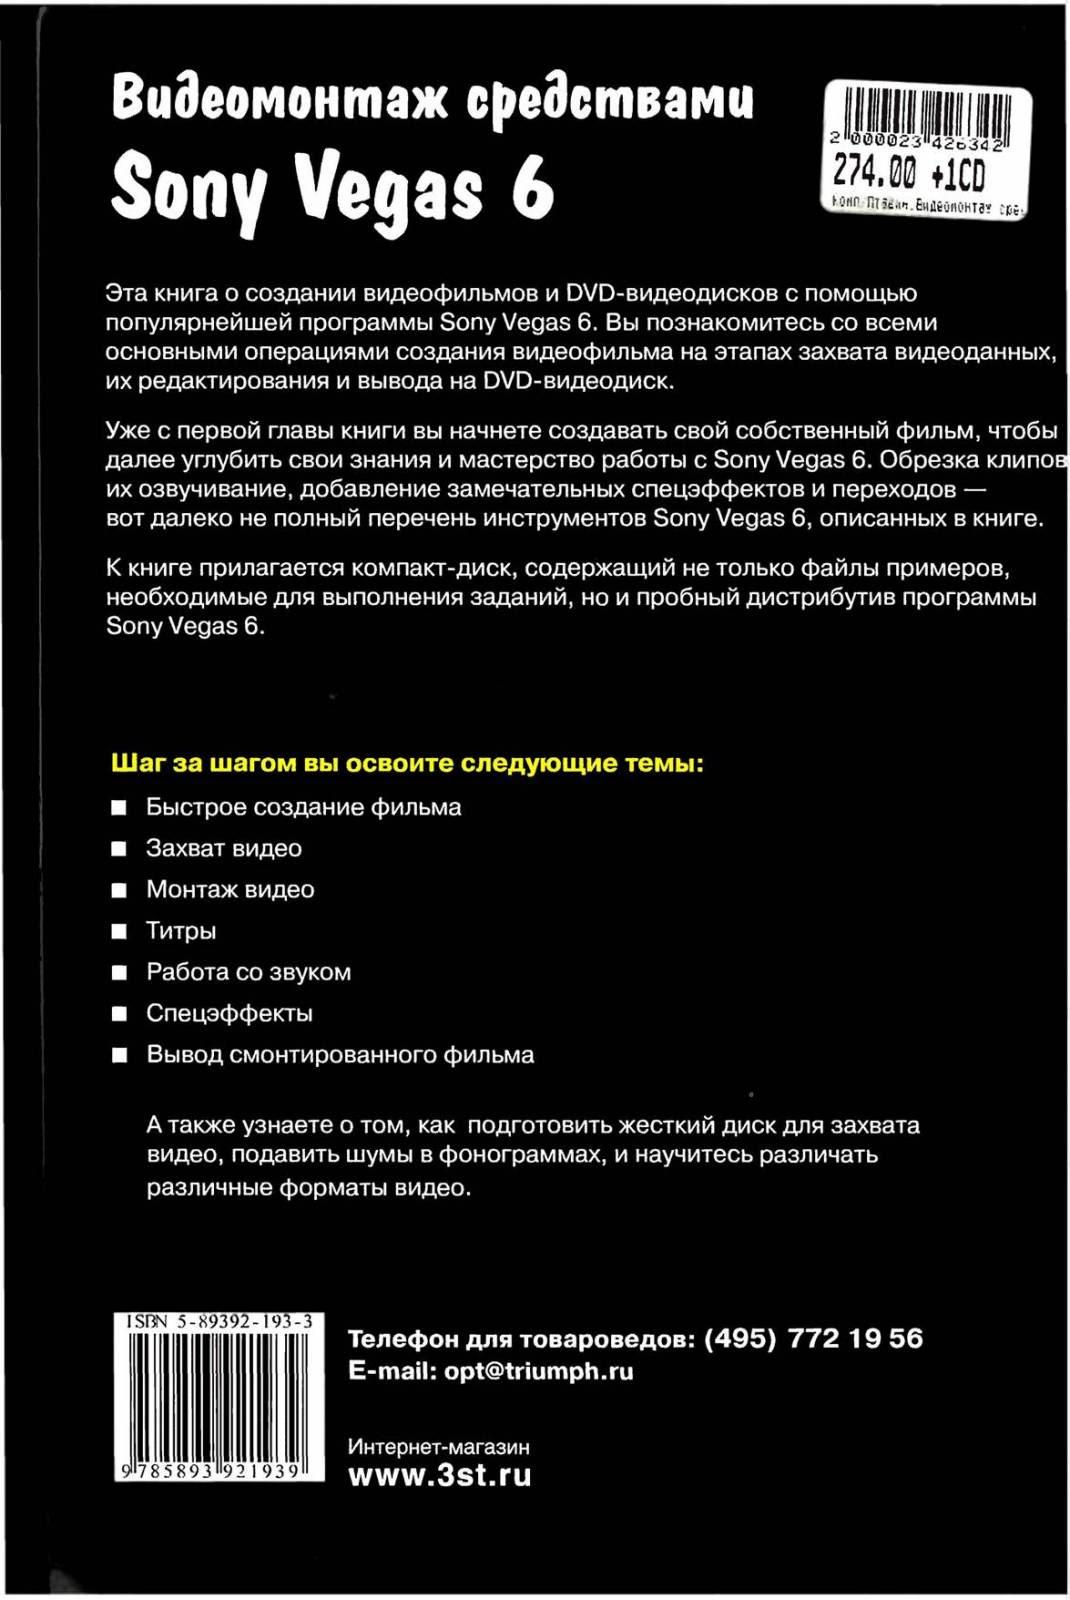 http://redaktori-uroki.3dn.ru/_ph/14/325103175.jpg